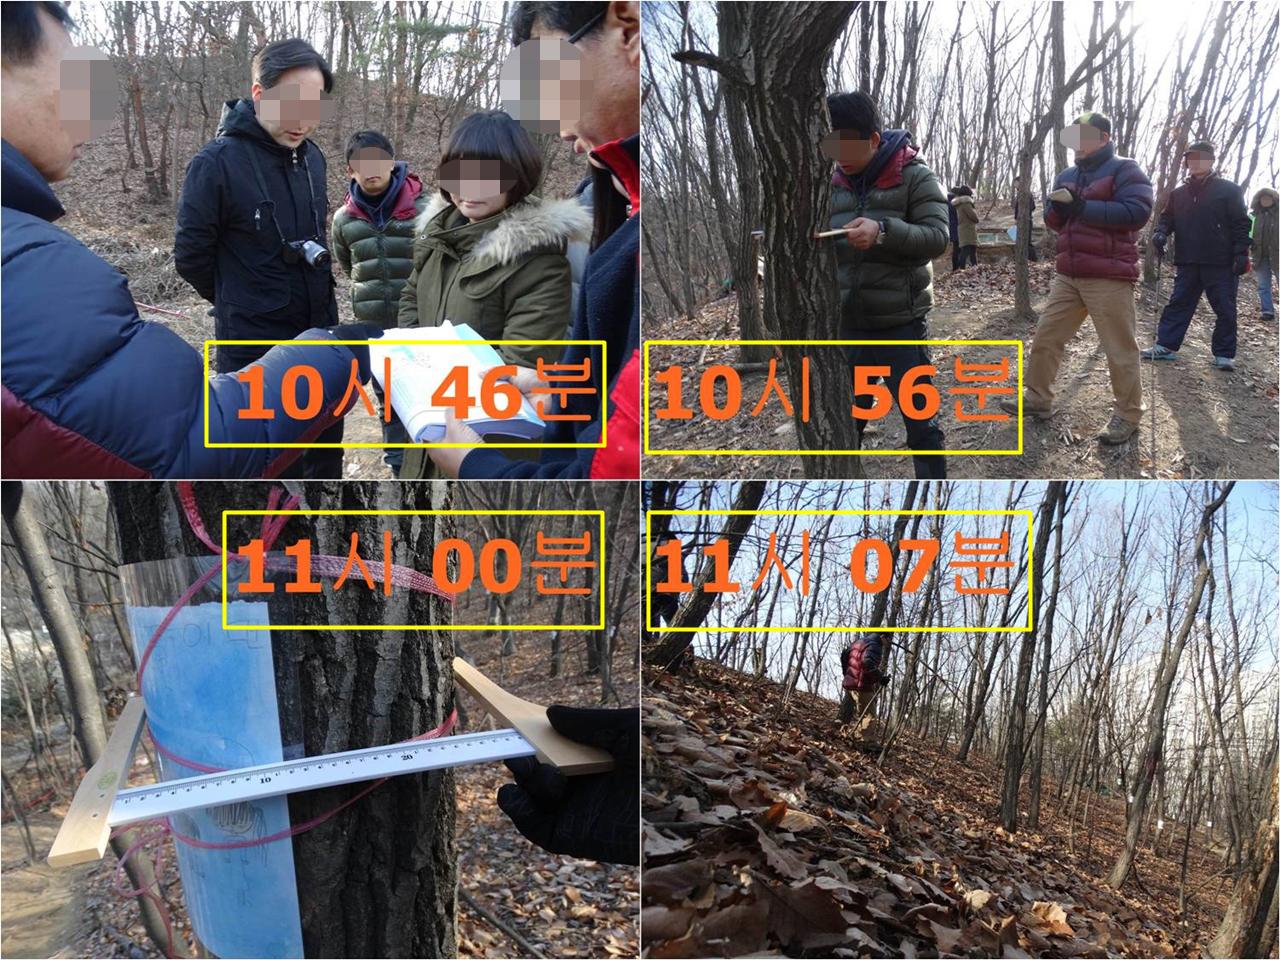 현장에 도착하여 나무 30그루의 지름을 측정하고, 하산하기까지 총 21분 걸렸다. 부실한 환경영향평가보다 더 부실한 한강유역환경청의 재조사를 어떻게 신뢰할 수 있단 말인가?